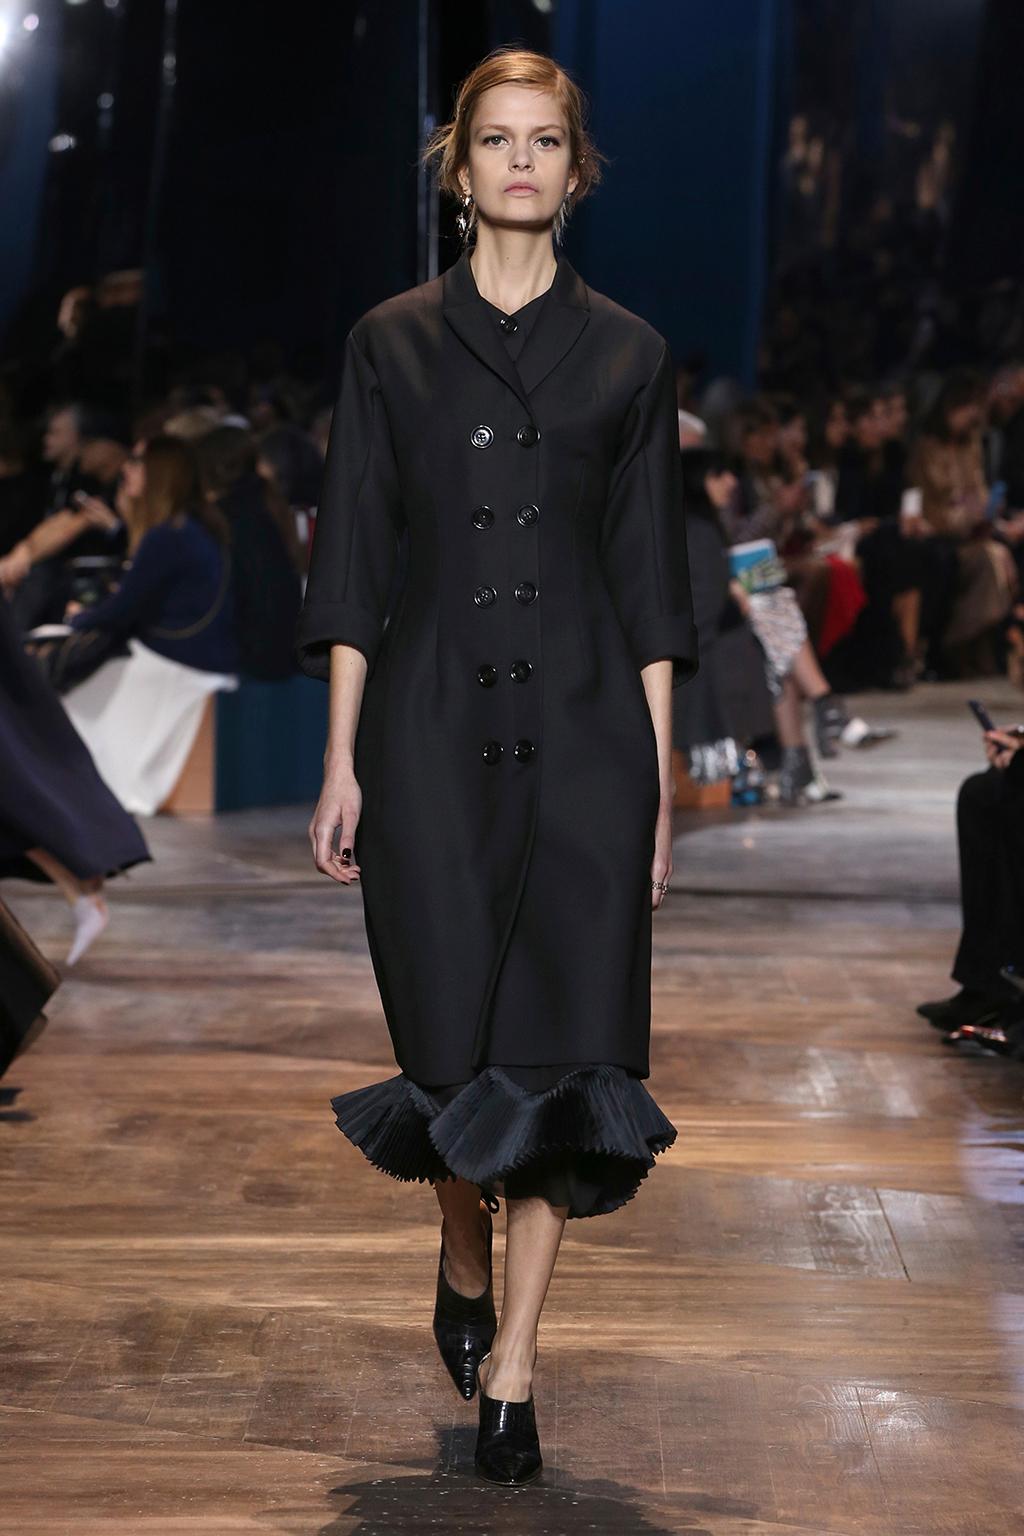 Dior-Couture-Silhouette-25